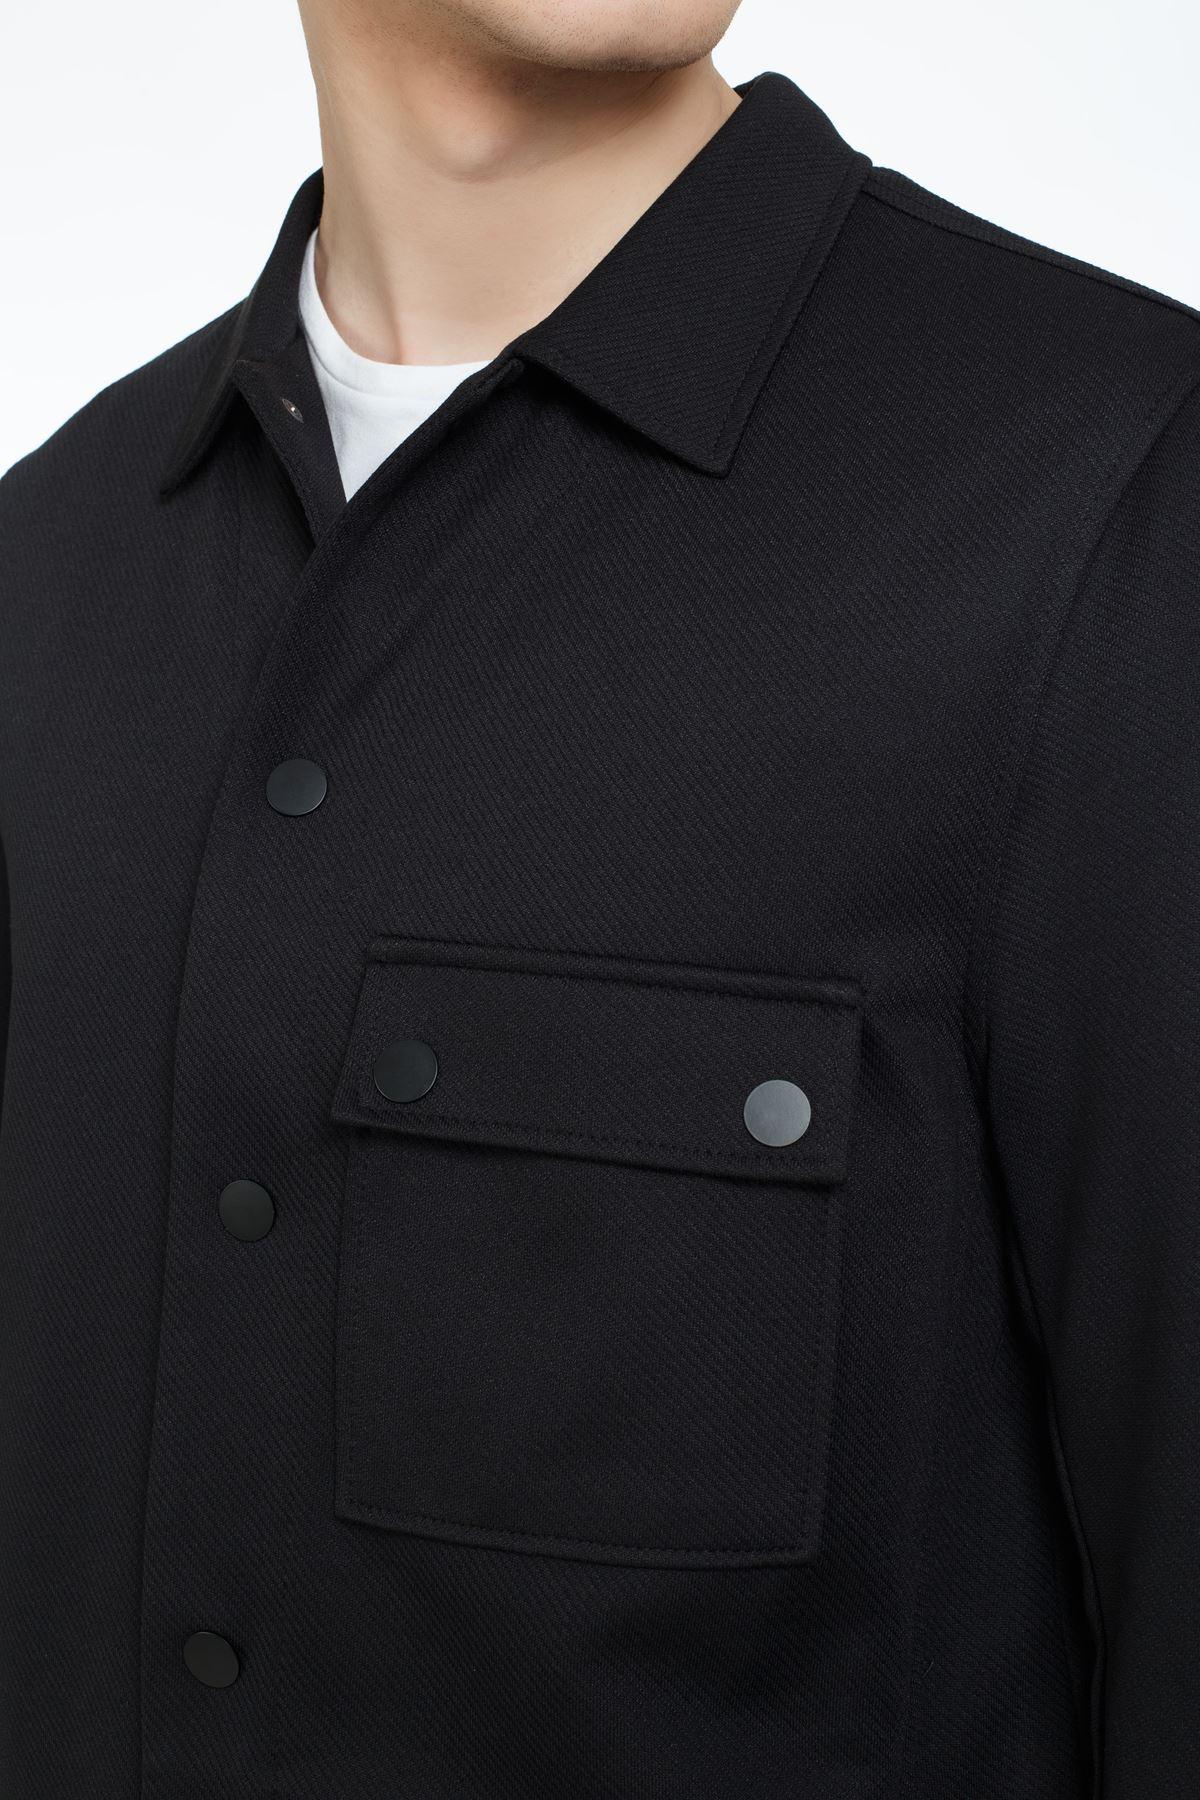 Siyah Gömlek Yaka Çıt Çıtlı Sweatshirt